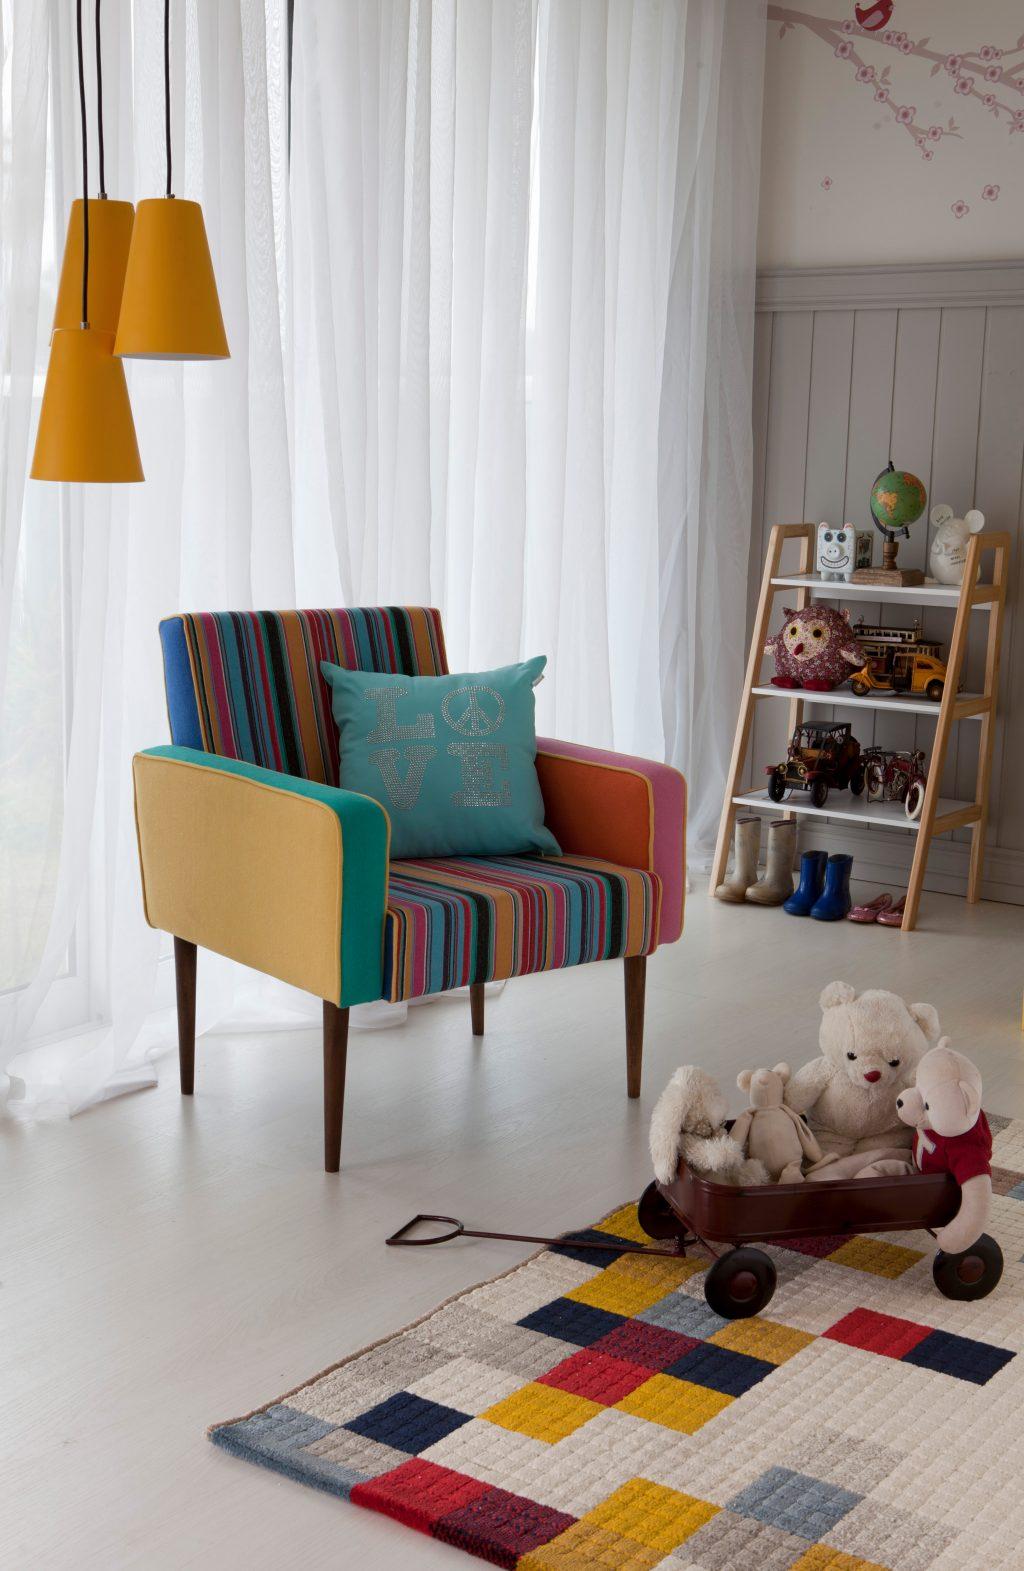 decoração do quarto infantil com poltrona colorida e estantes com brinquedos